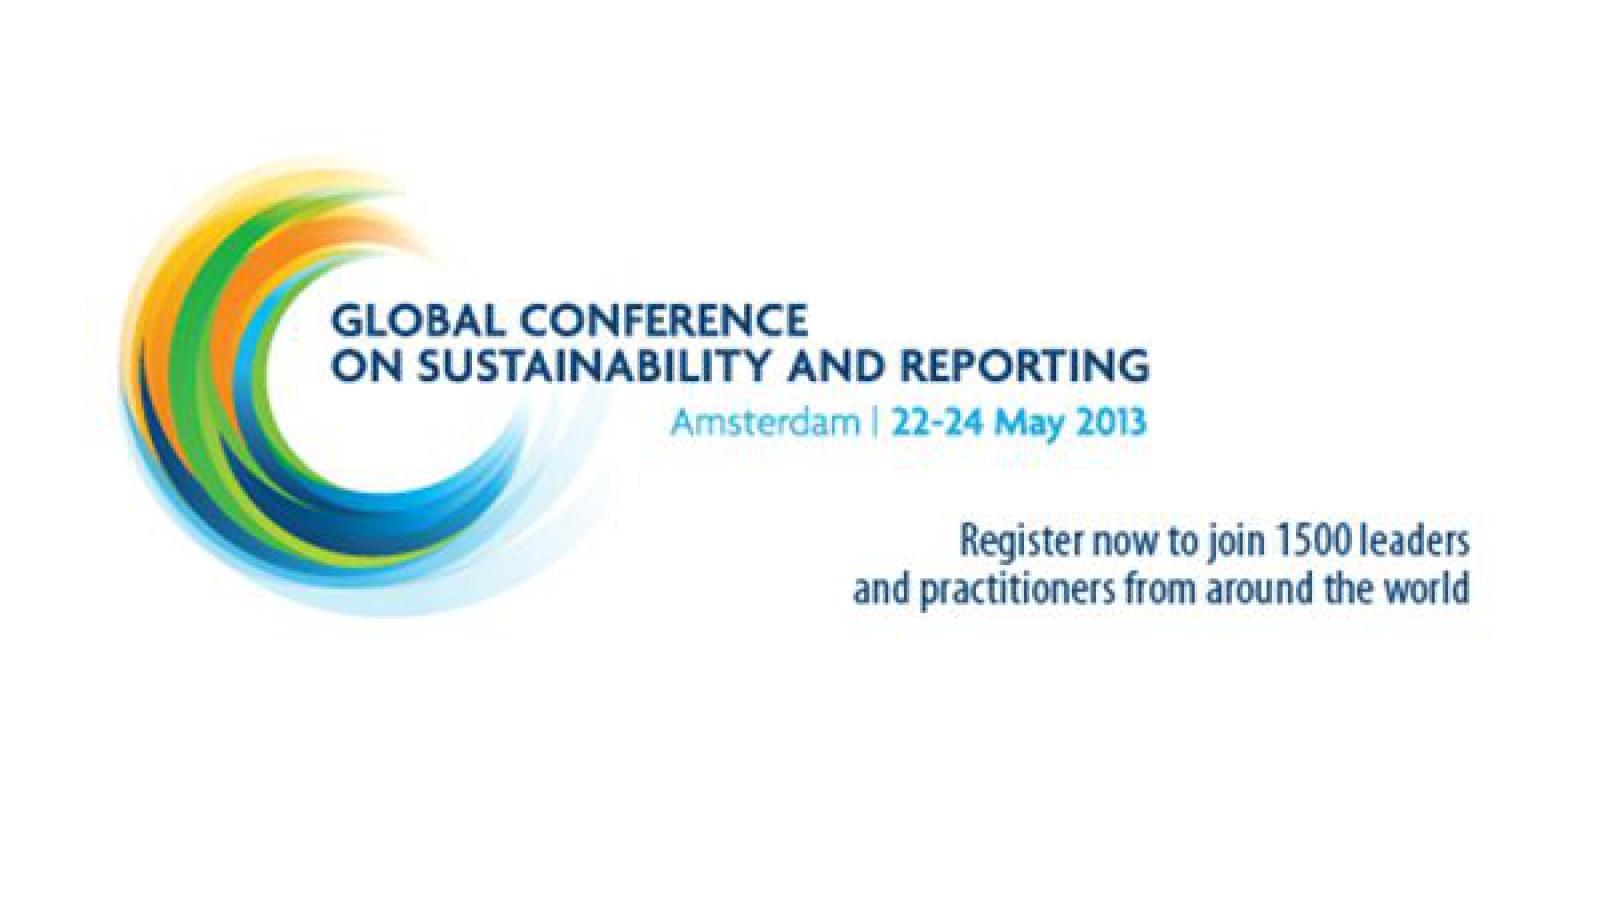 GRI Sürdürülebilirlik ve Raporlama Konferansı'ndan Akılda Kalanlar